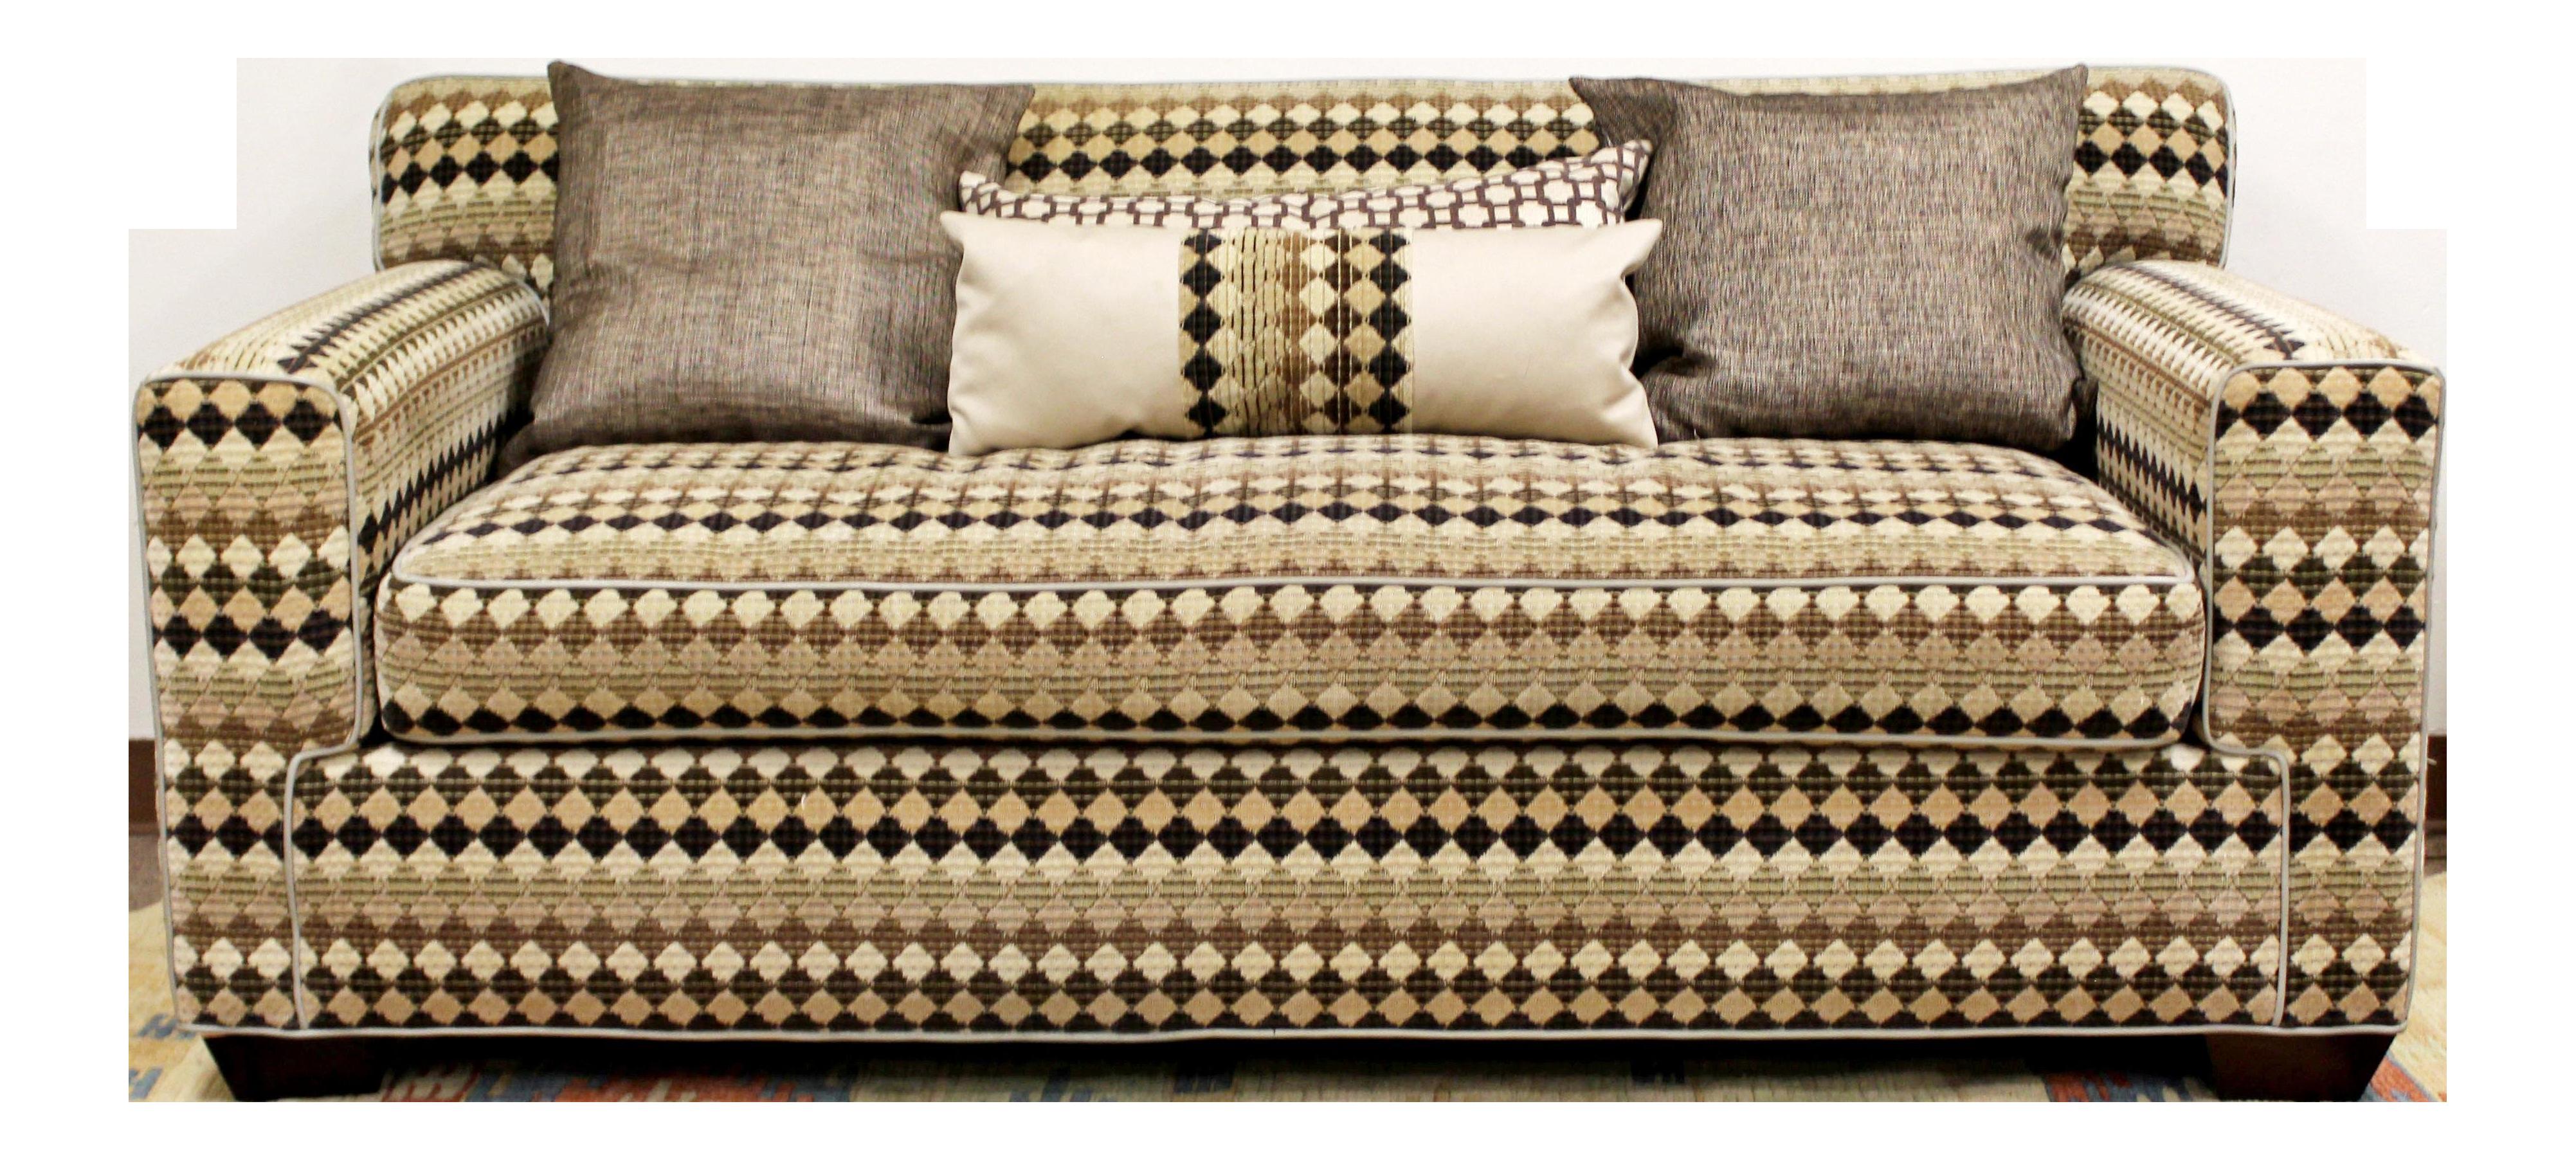 1970s Mid Century Modern Baughman Loveseat Sofa